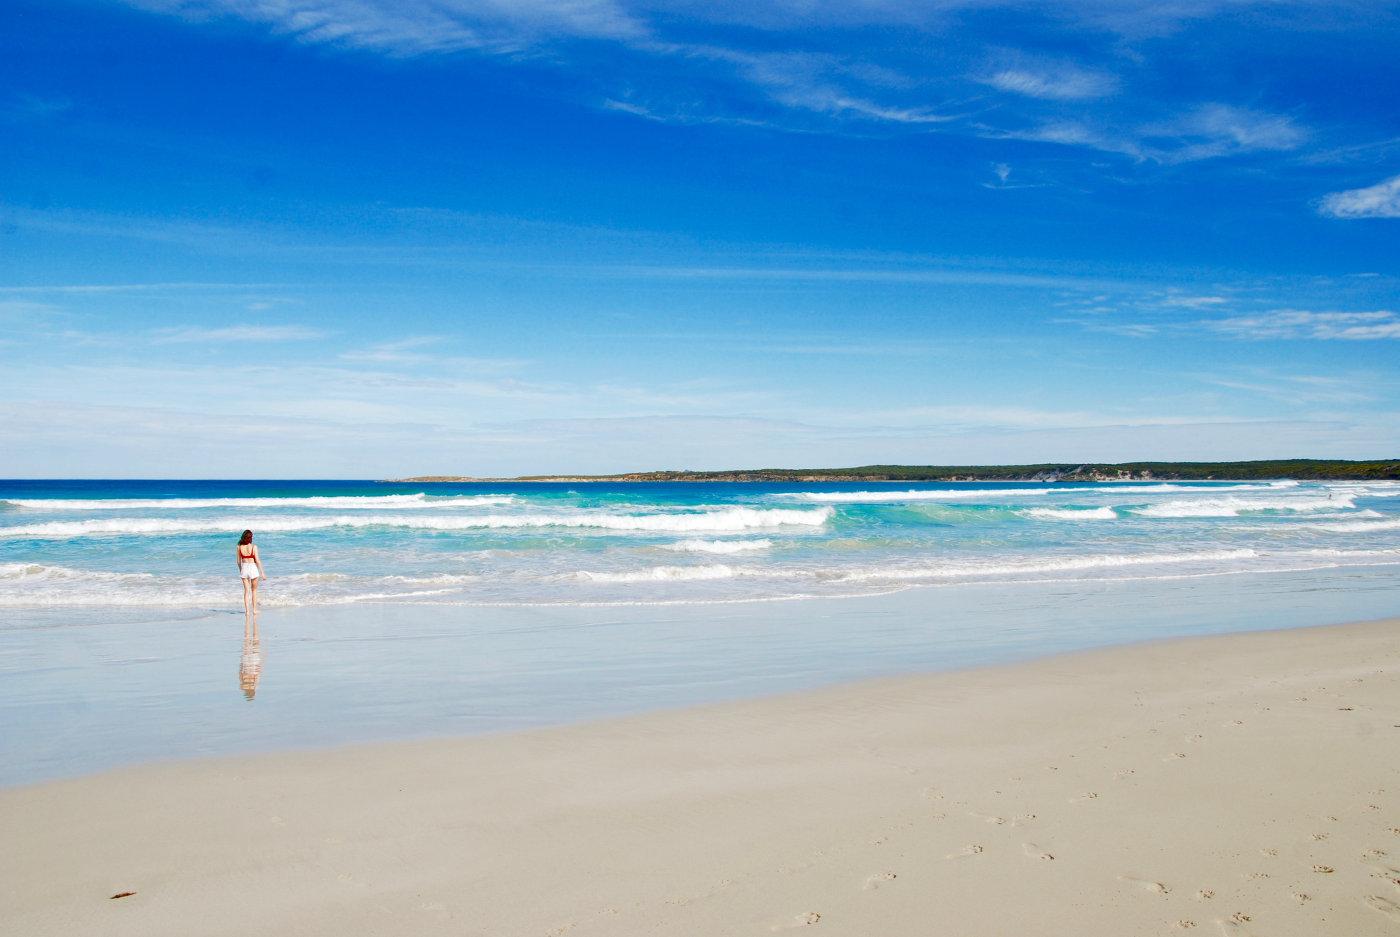 Plage de Vivonne Bay sur l'île kangourou